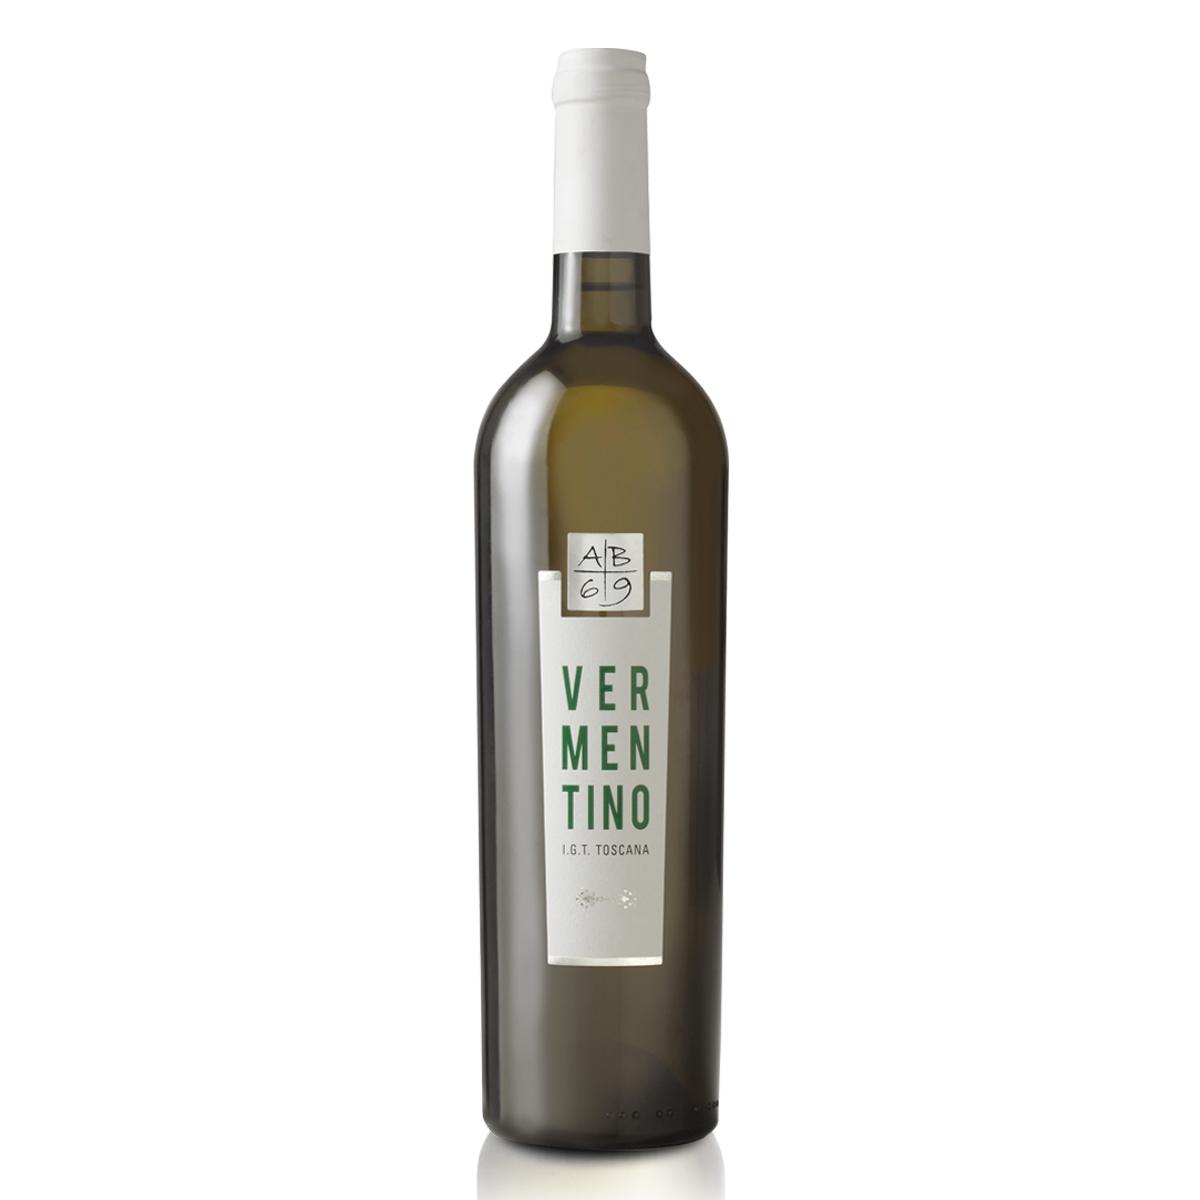 维蒙蒂诺干白葡萄酒